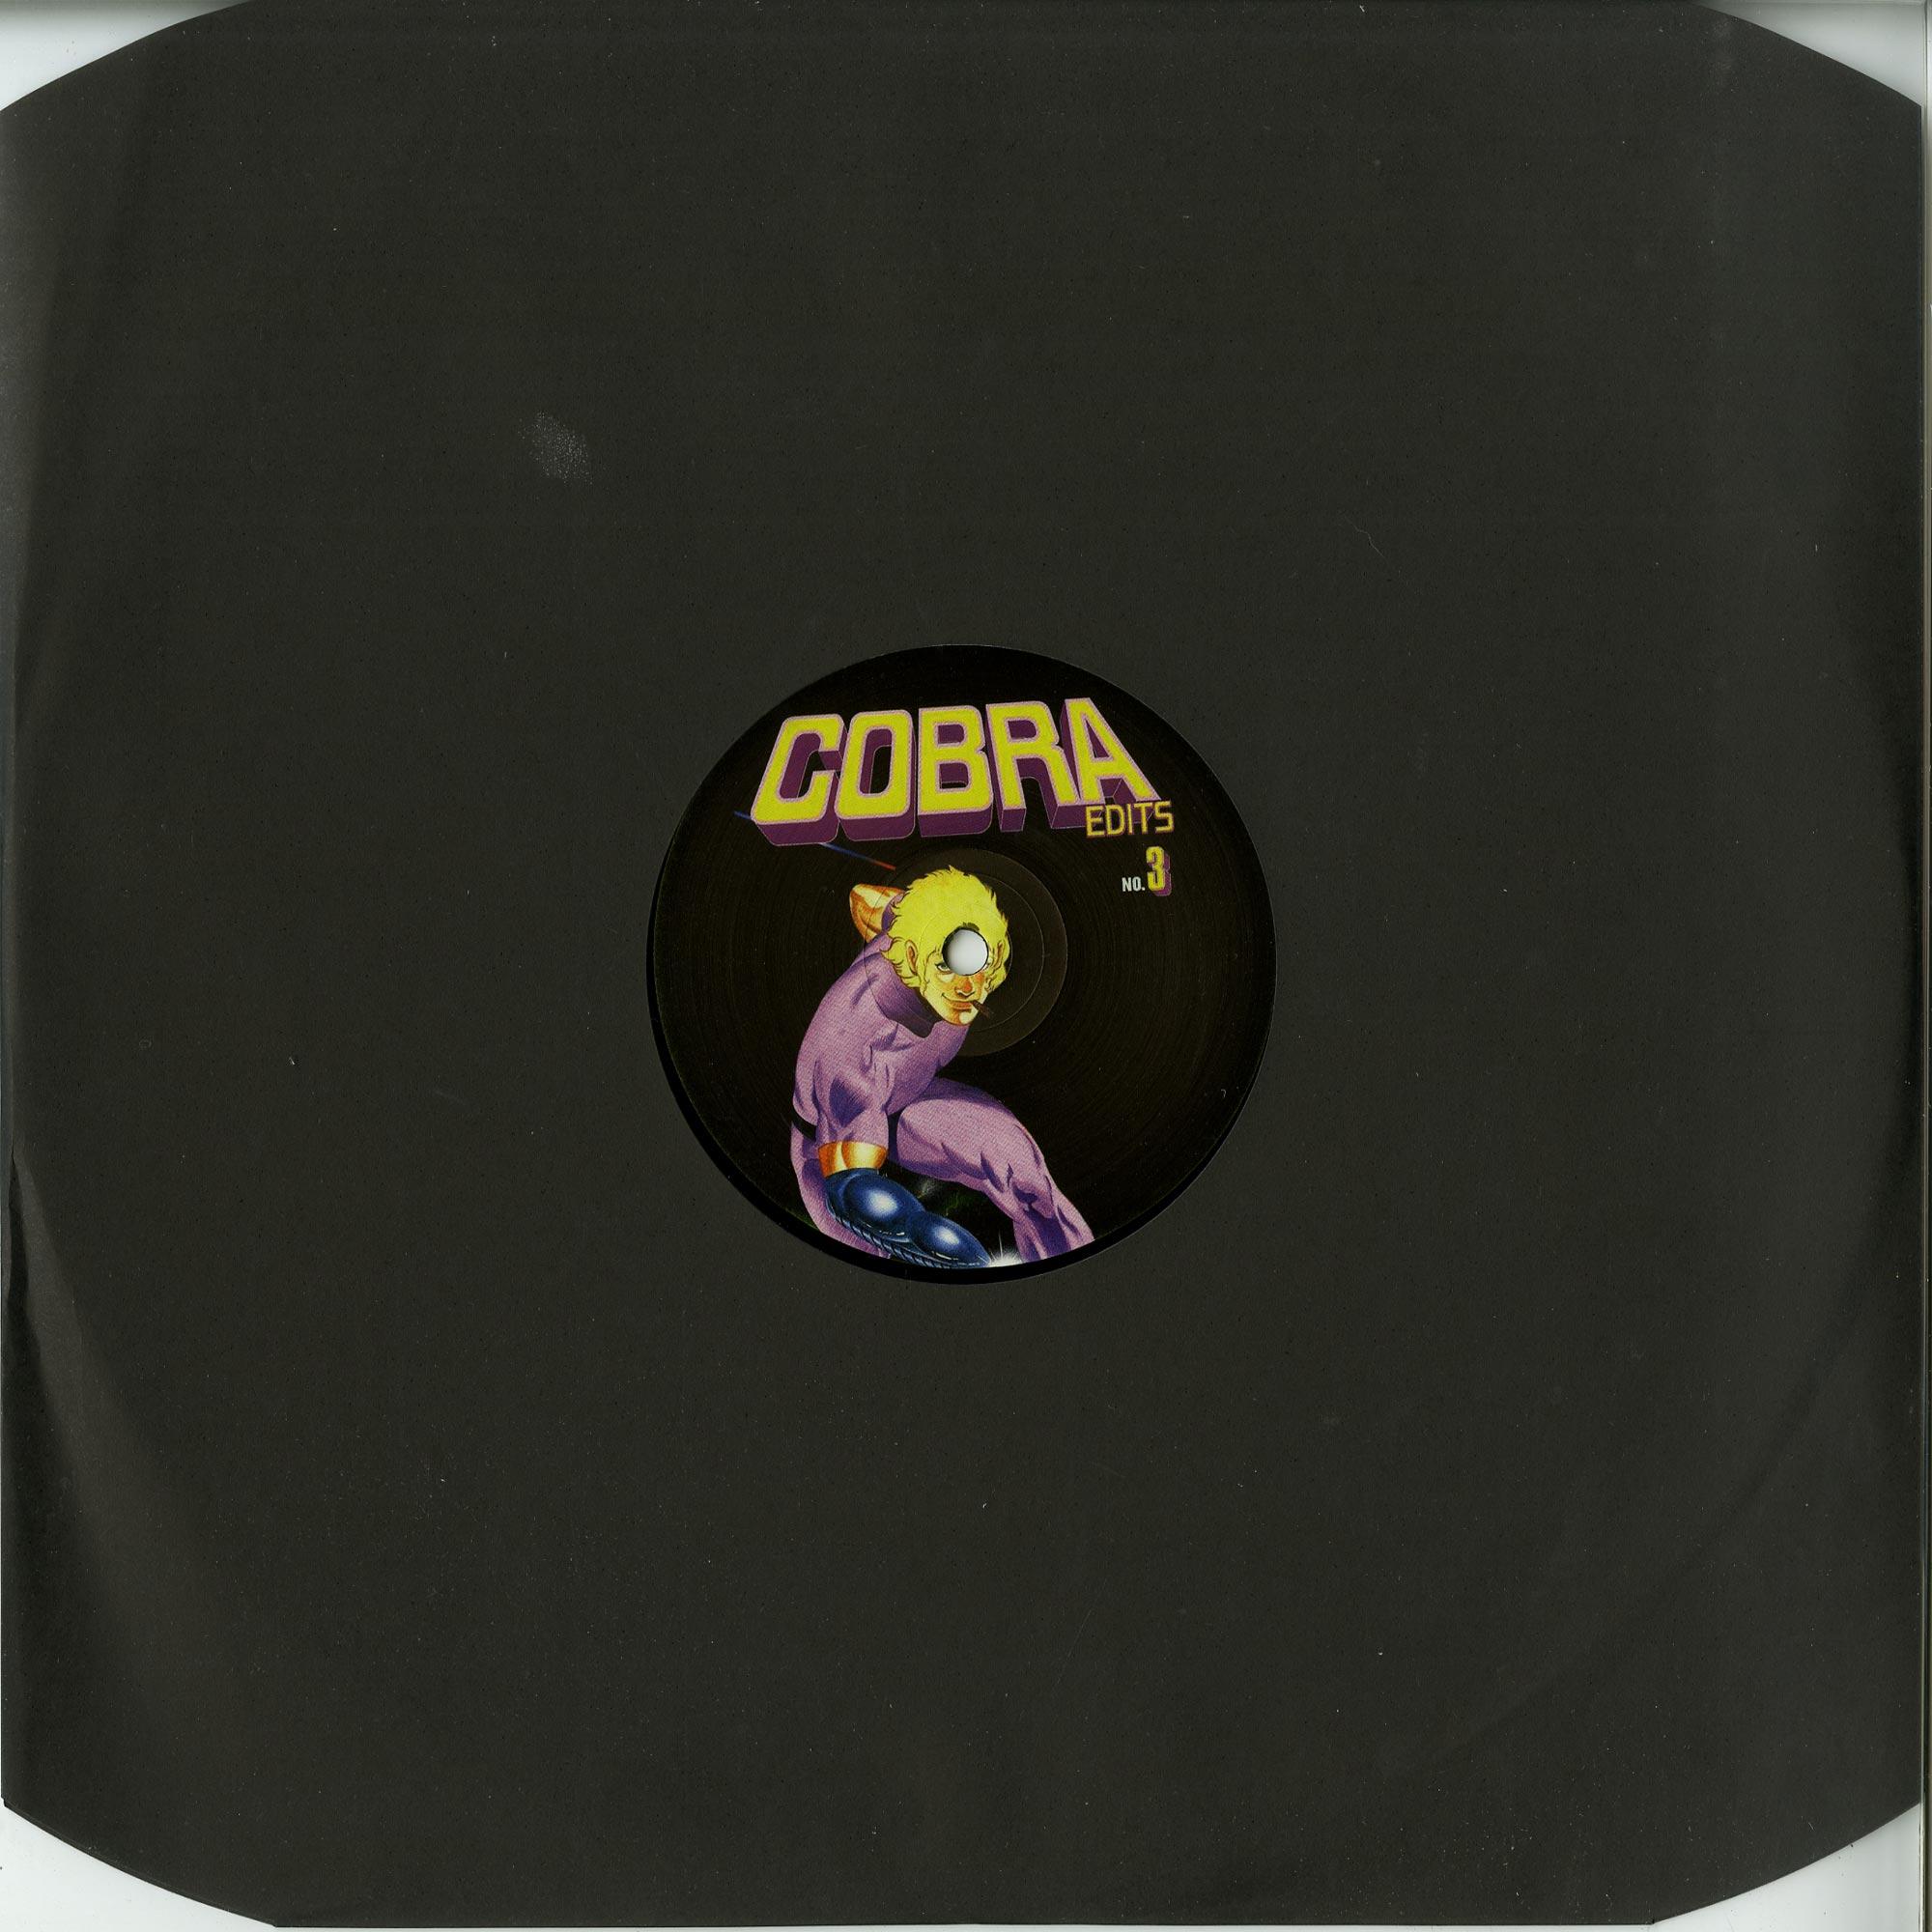 Unknown - COBRA EDITS VOL. 3